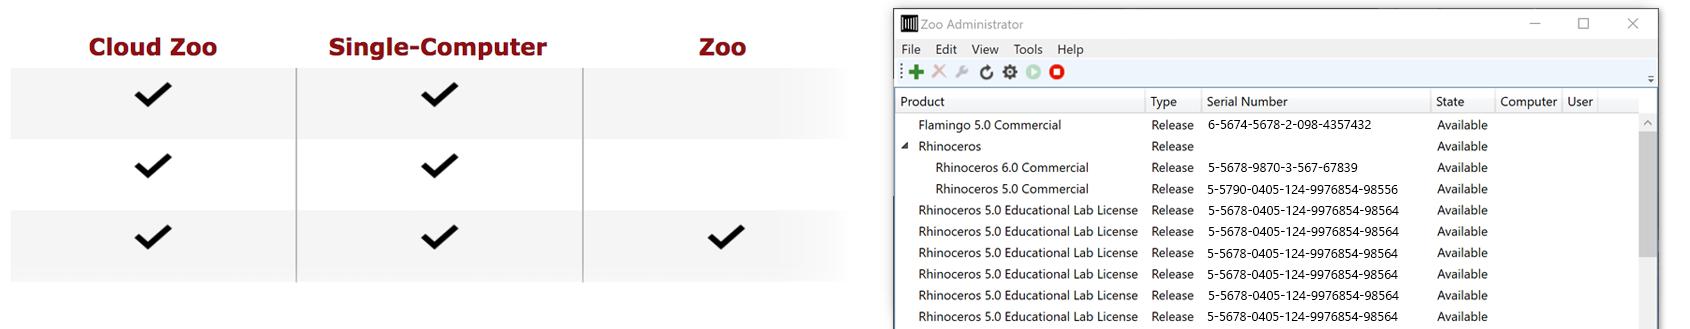 Rhino for Mac Licensing